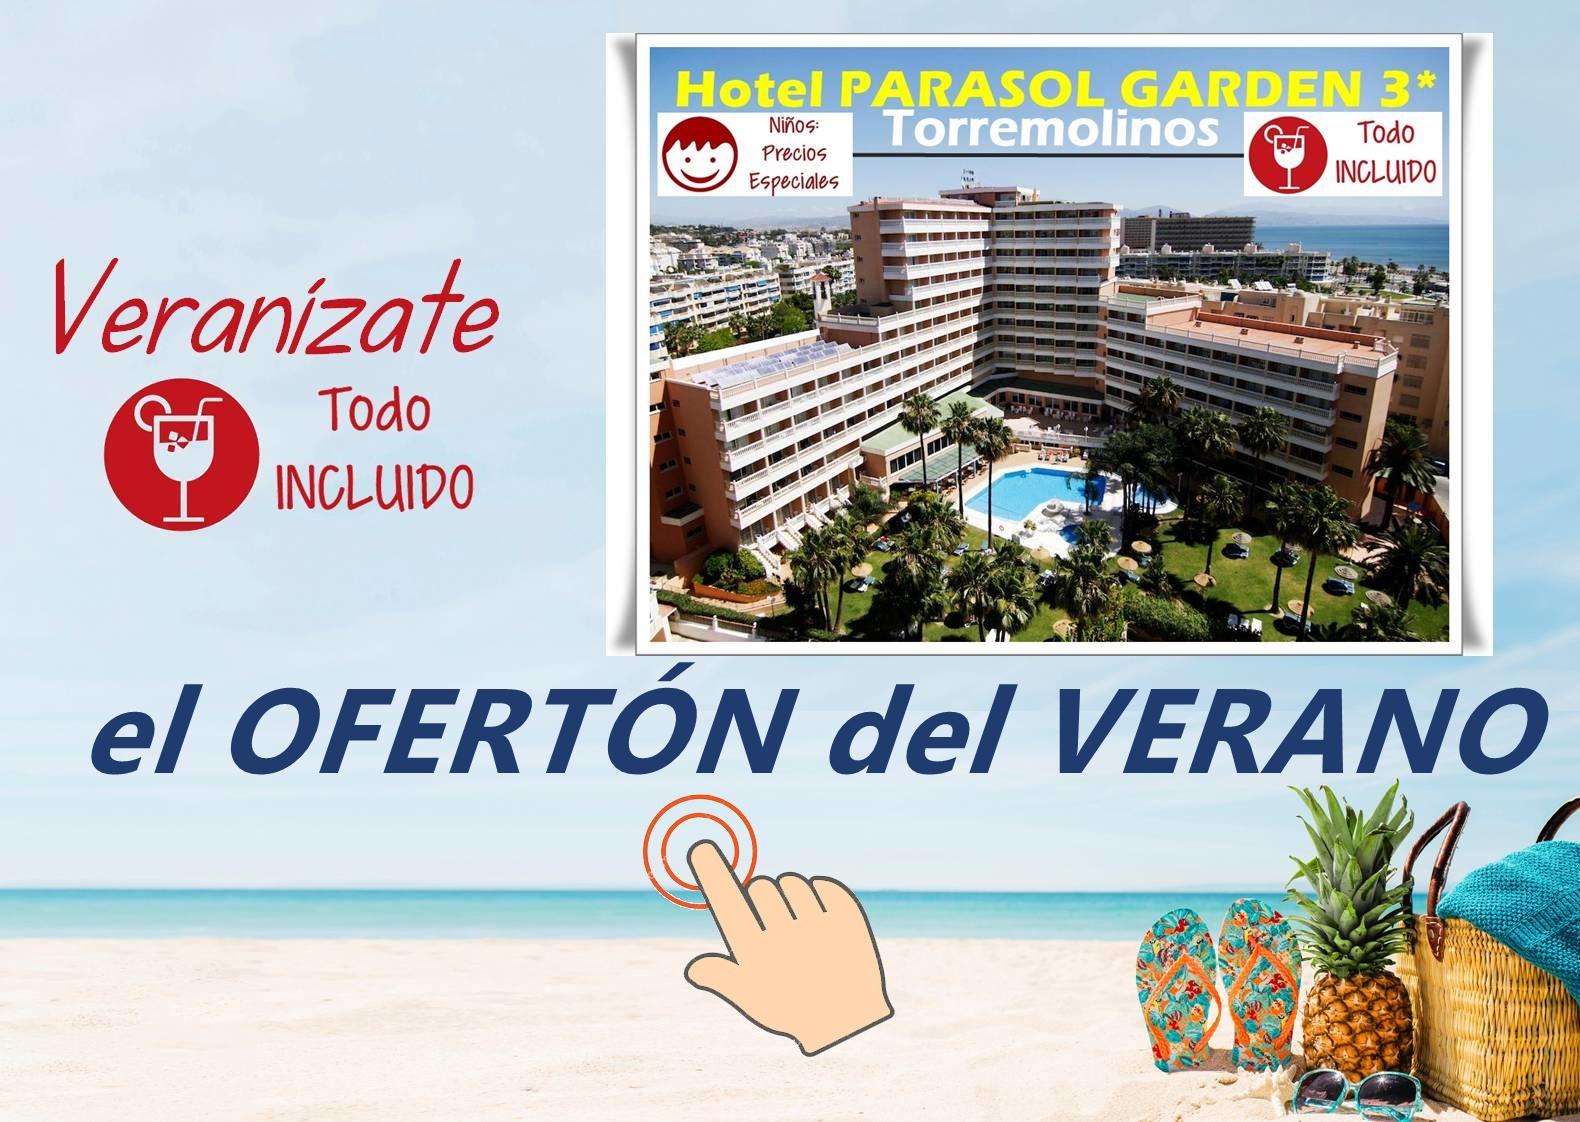 Chollo del verano con Viajes MundiPlayas en Hotel PARASOL GARDEN 3*